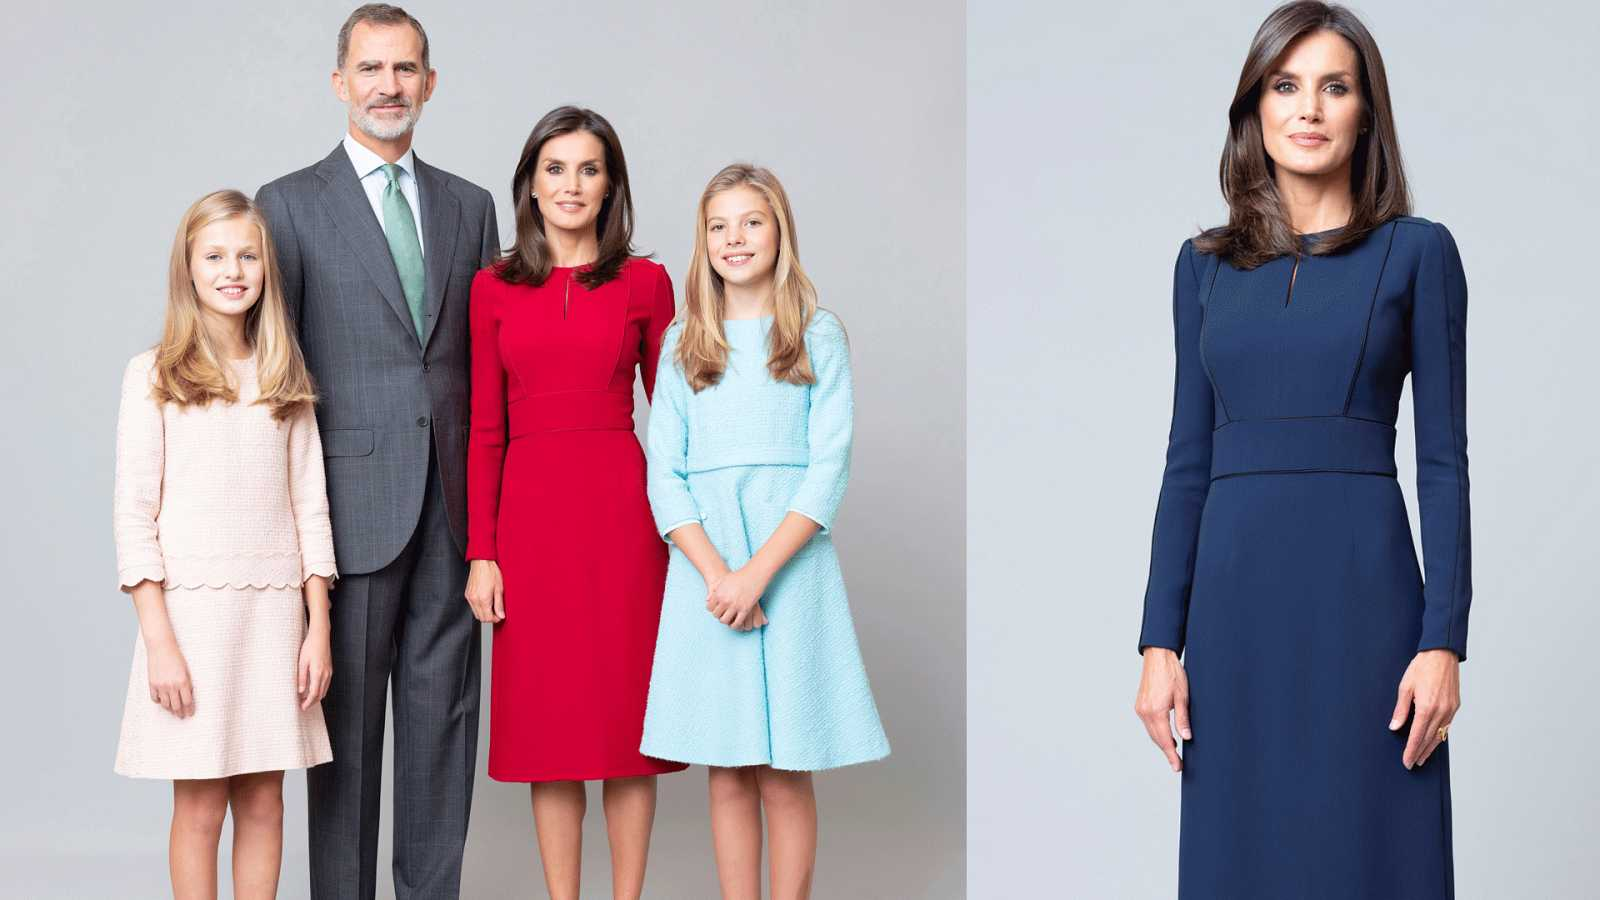 Posado oficial de la Familia Real: Los Reyes con sus hijas y Doña Letizia en solitario